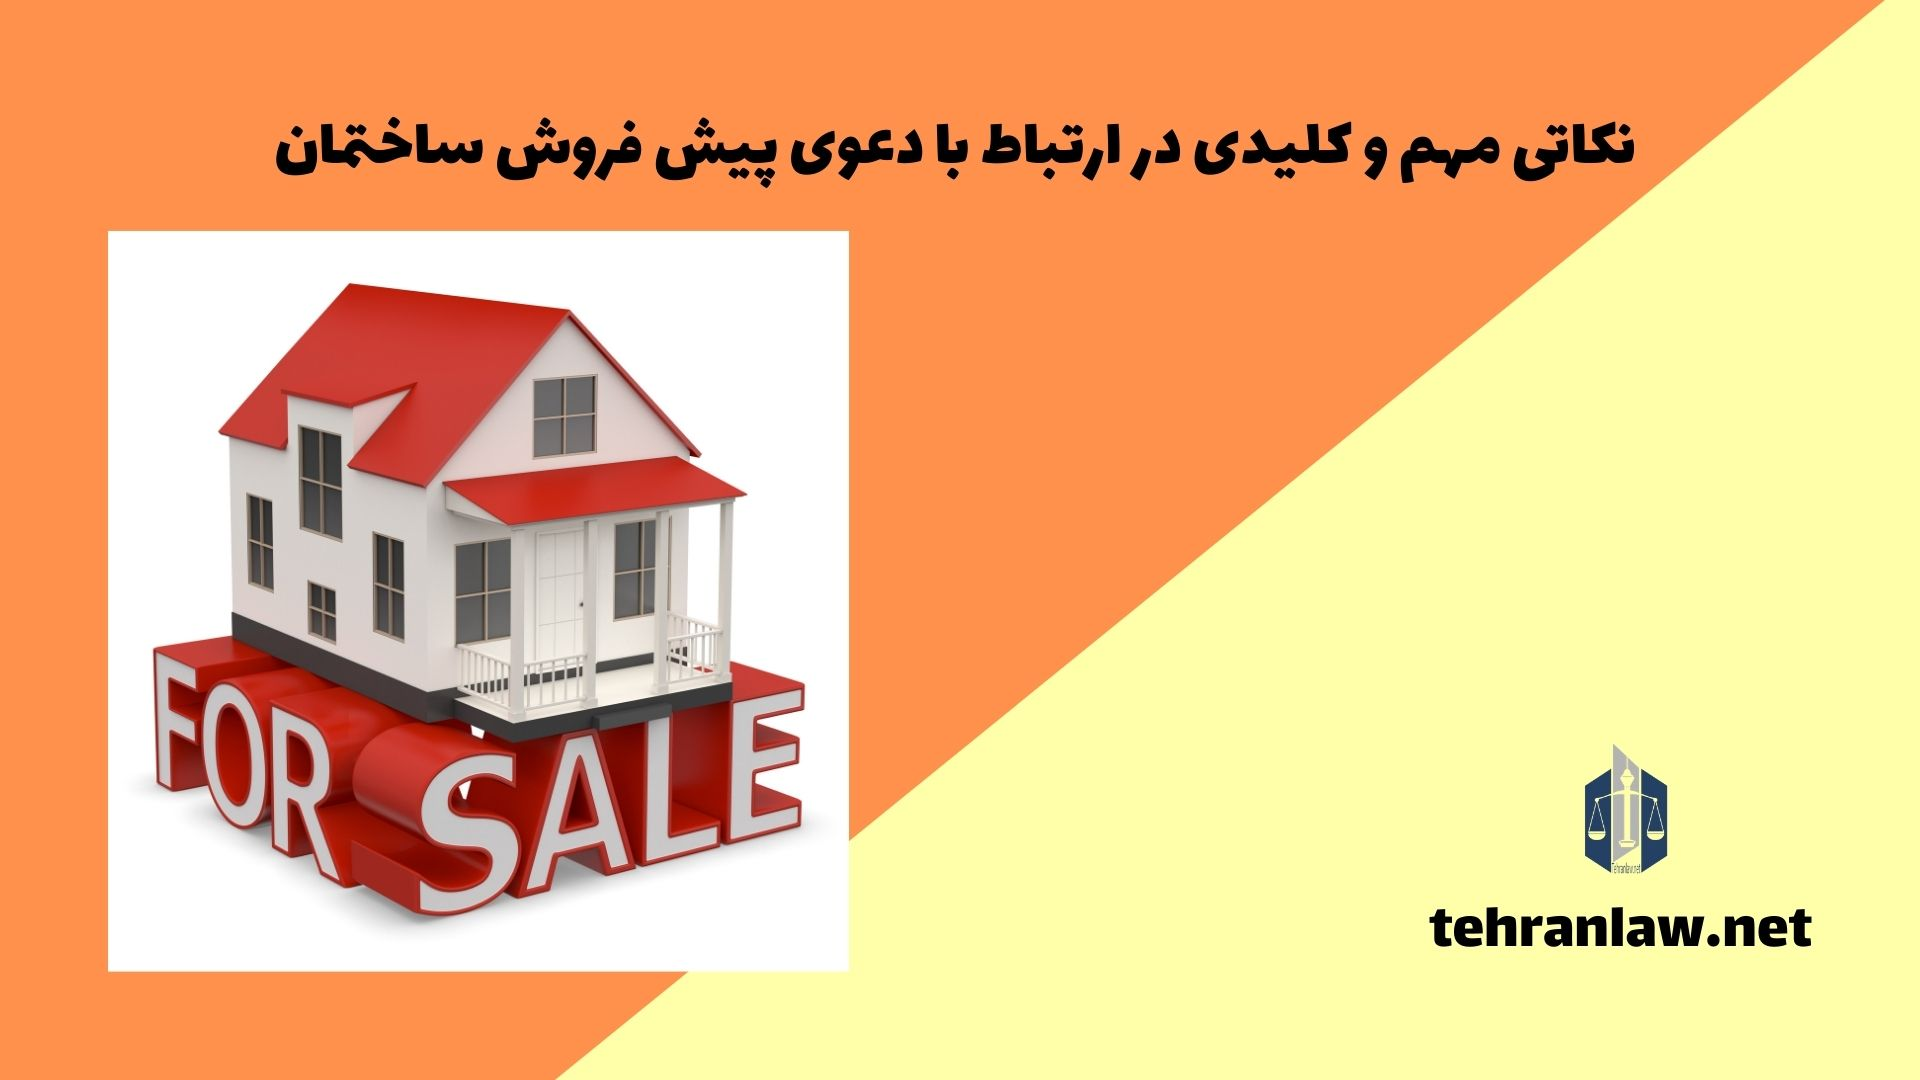 نکاتی مهم و کلیدی در ارتباط با دعوی پیش فروش ساختمان